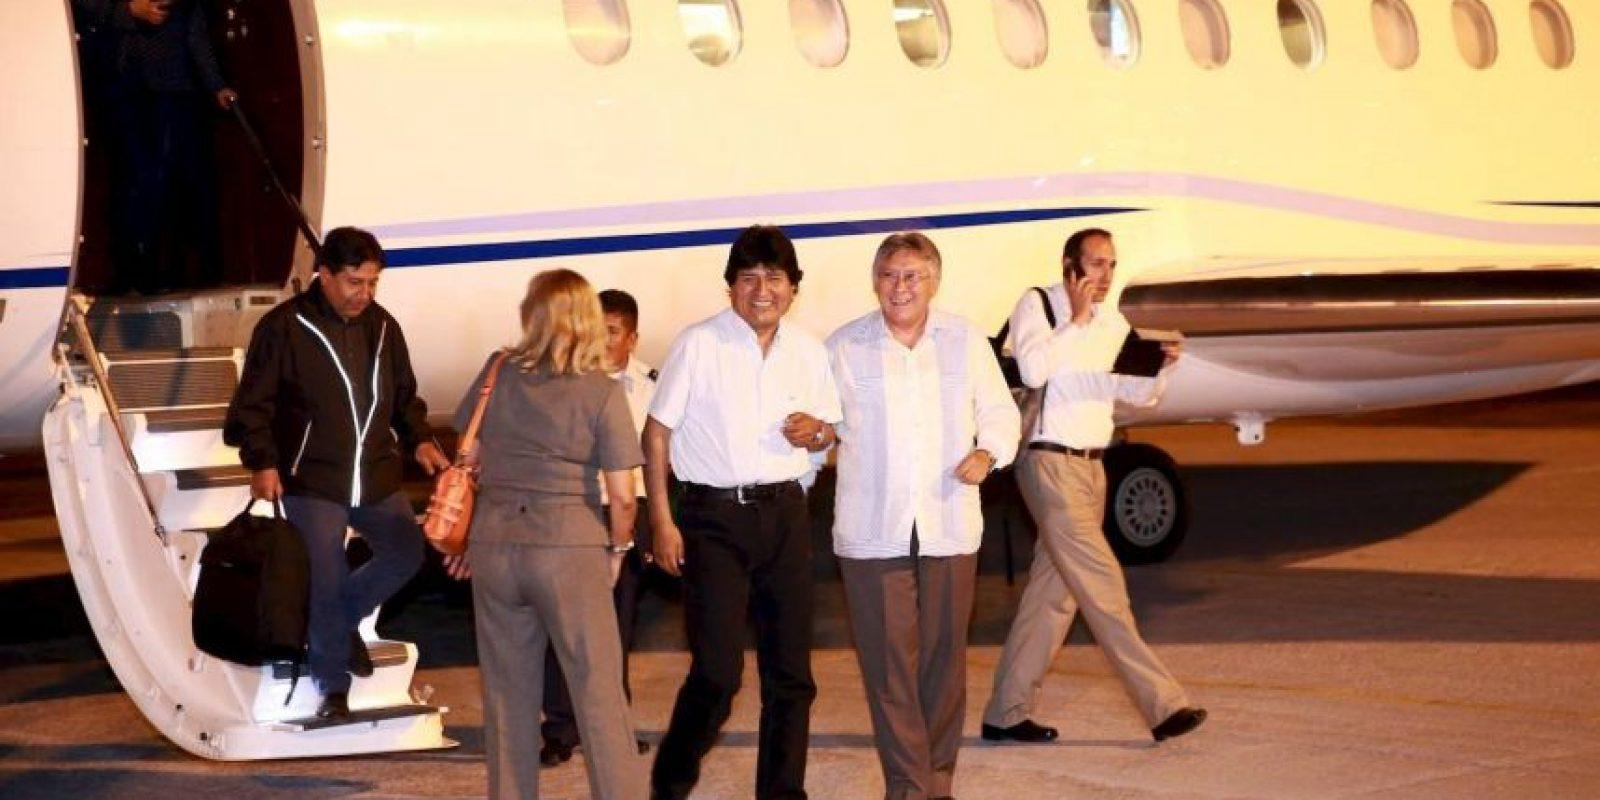 La llegada de Evo Morales Foto:Ministerio de Comunicación de Bolivia